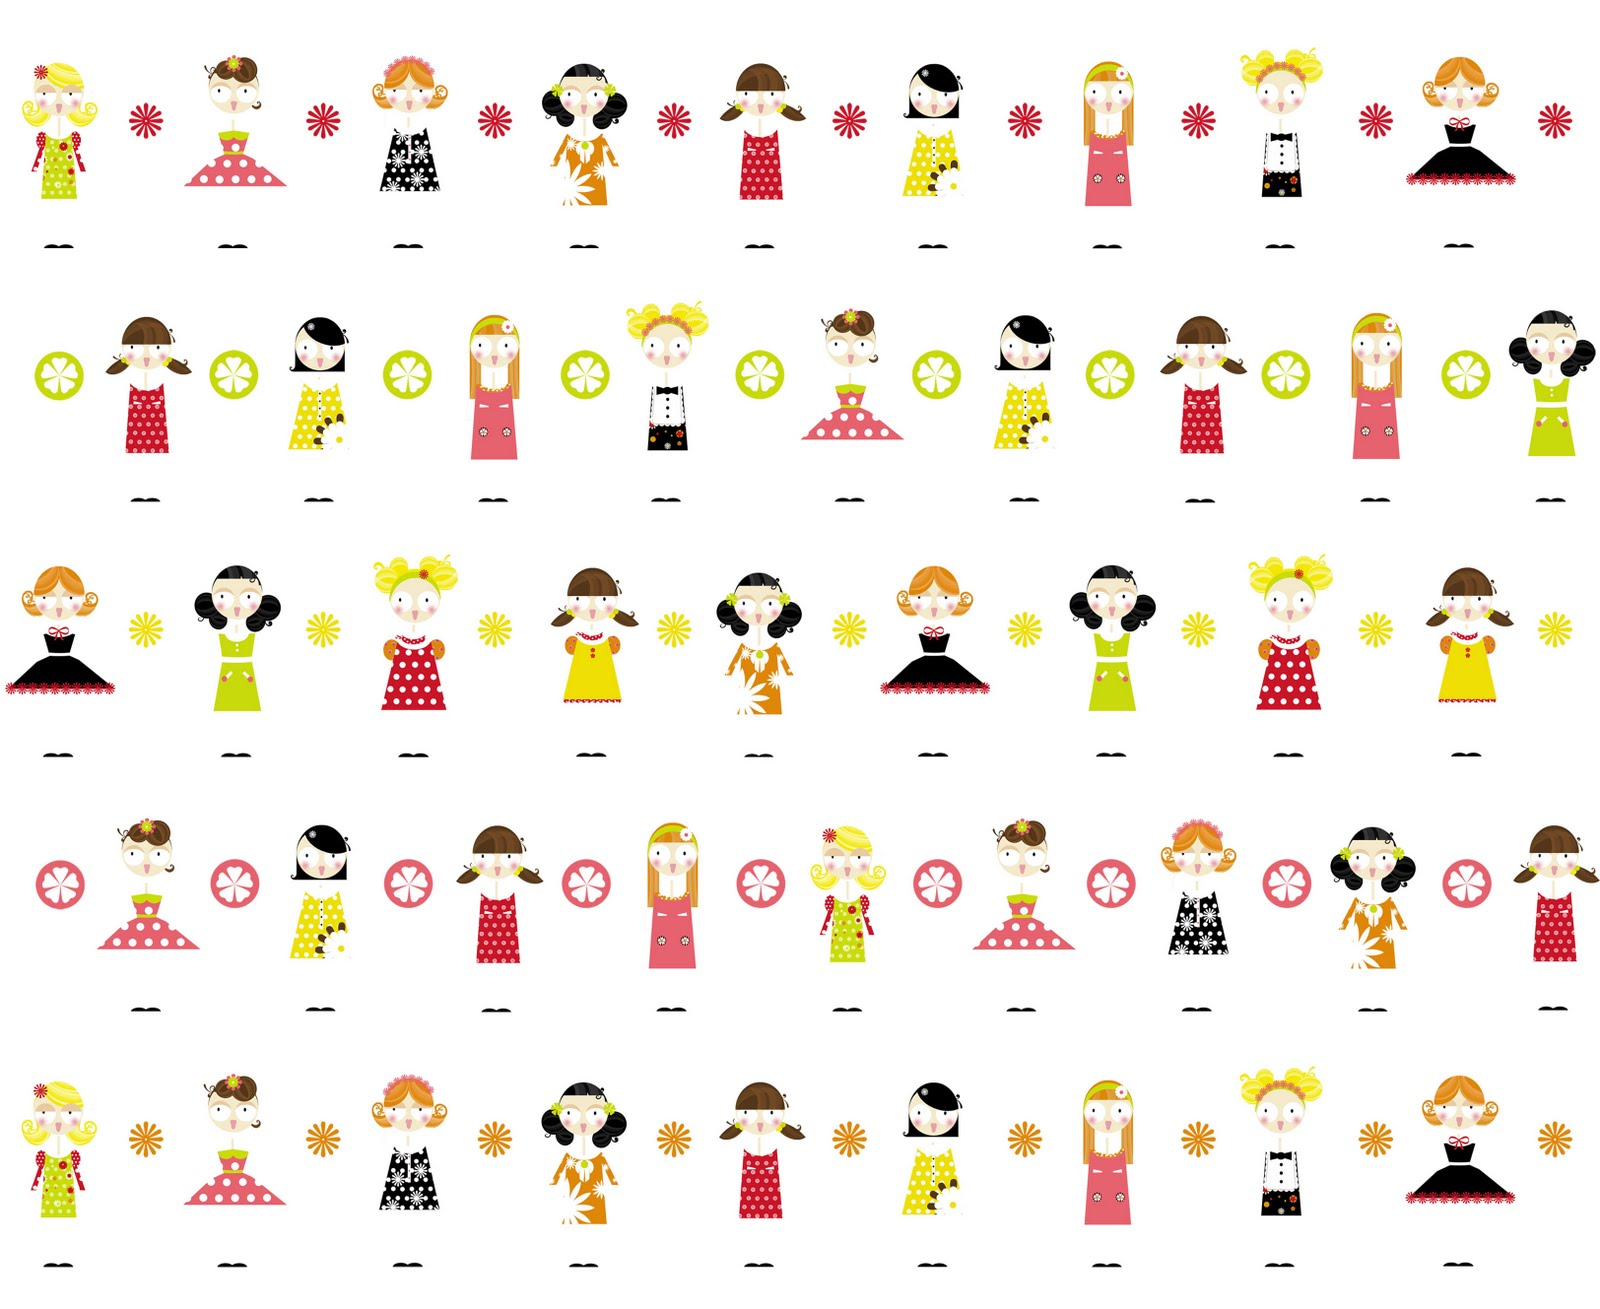 1 et 2 Marie D Bravo Marie vous gagnez deux m¨tres de tissu personnalisé imprimé  partir de vos motifs